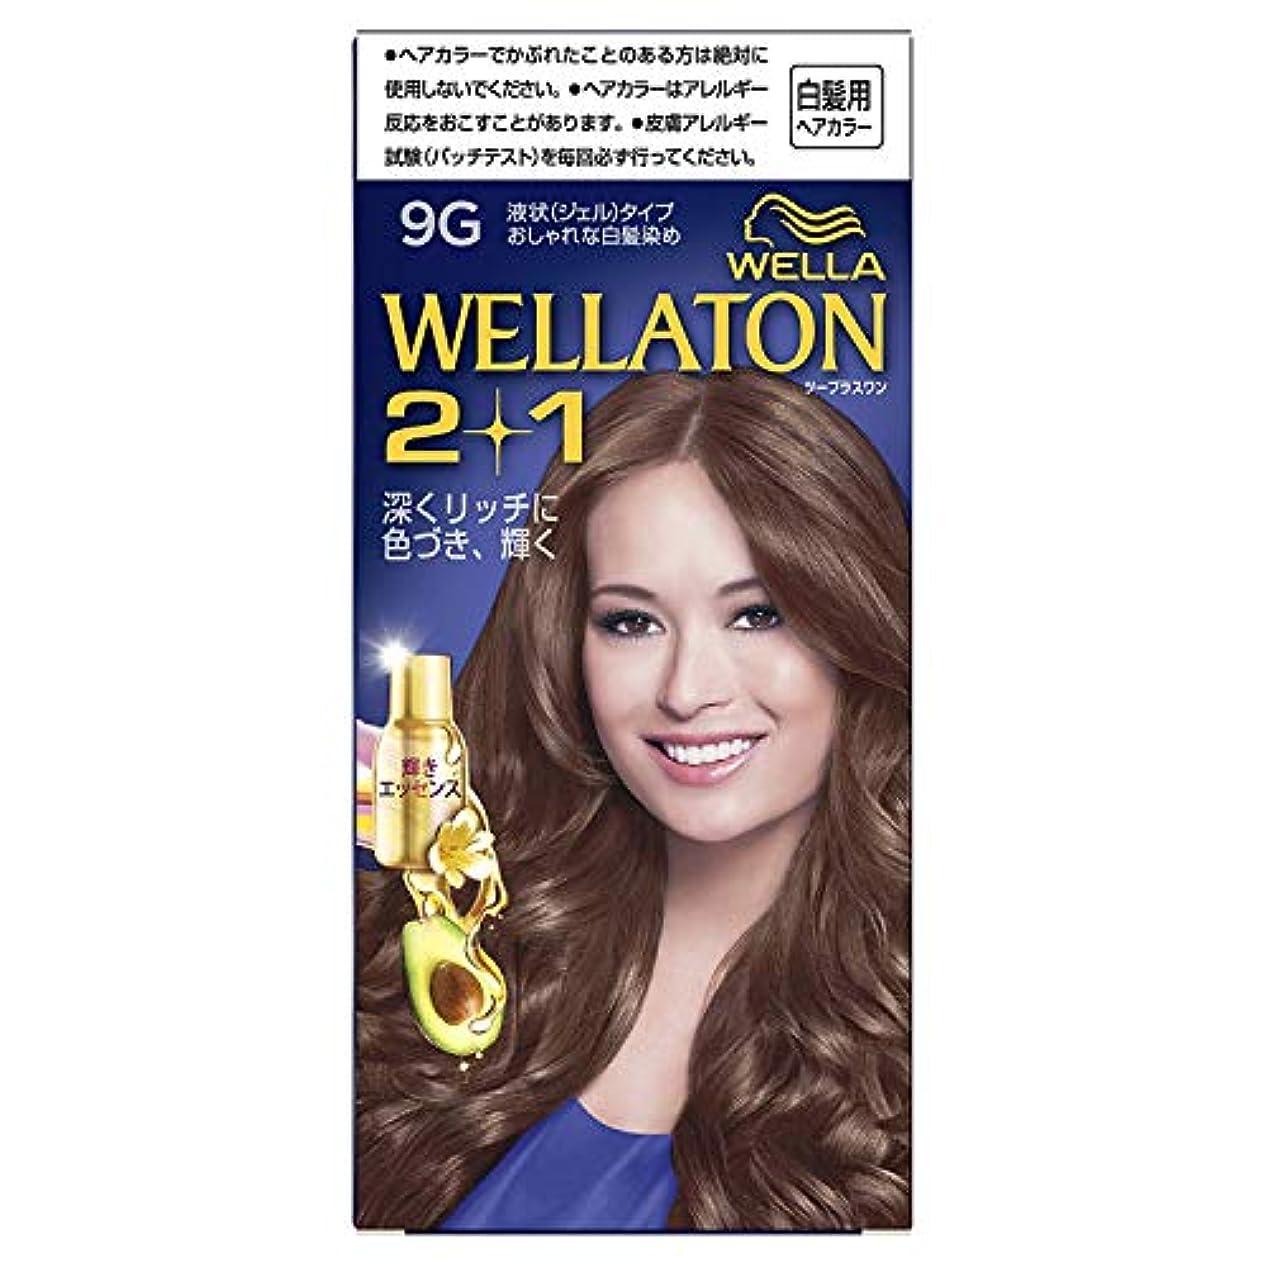 注文滴下説明的ウエラトーン2+1 液状タイプ 9G [医薬部外品] ×6個